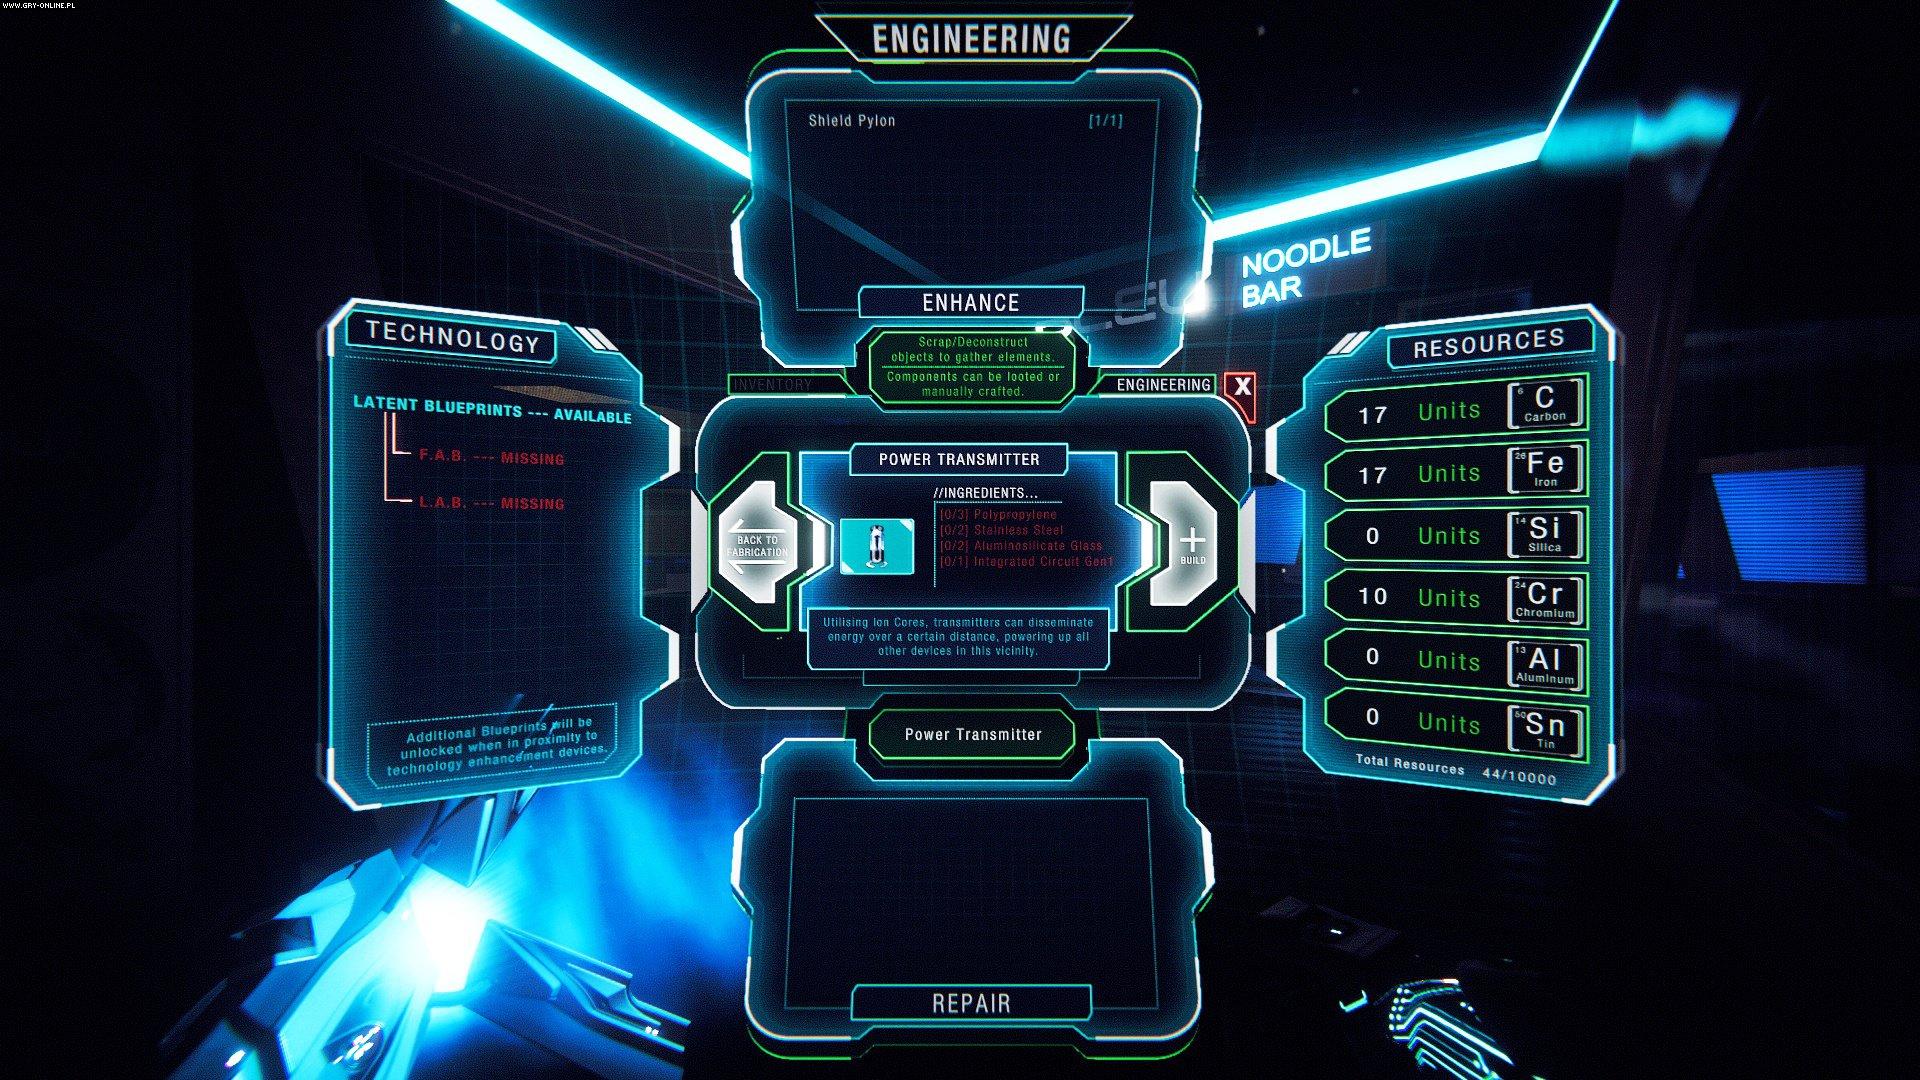 Lointain Jeu Pc Telechargement - Buspcastjong.gq intérieur Jeux Pc Sans Telechargement